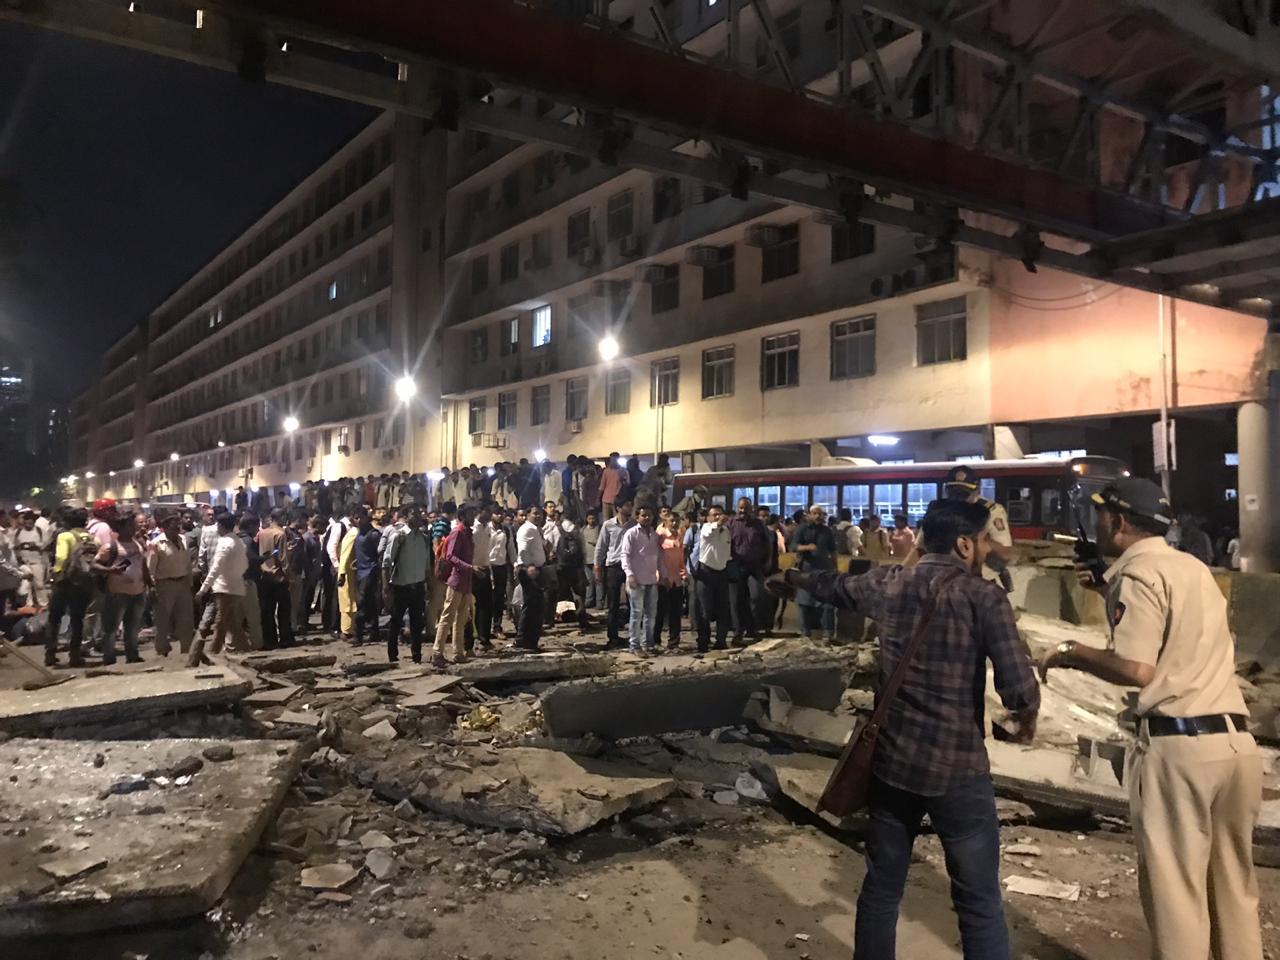 मुंबई पूल दुर्घटनेचा चौकशी अहवाल जाहीर, दोन अधिकारी निलंबित